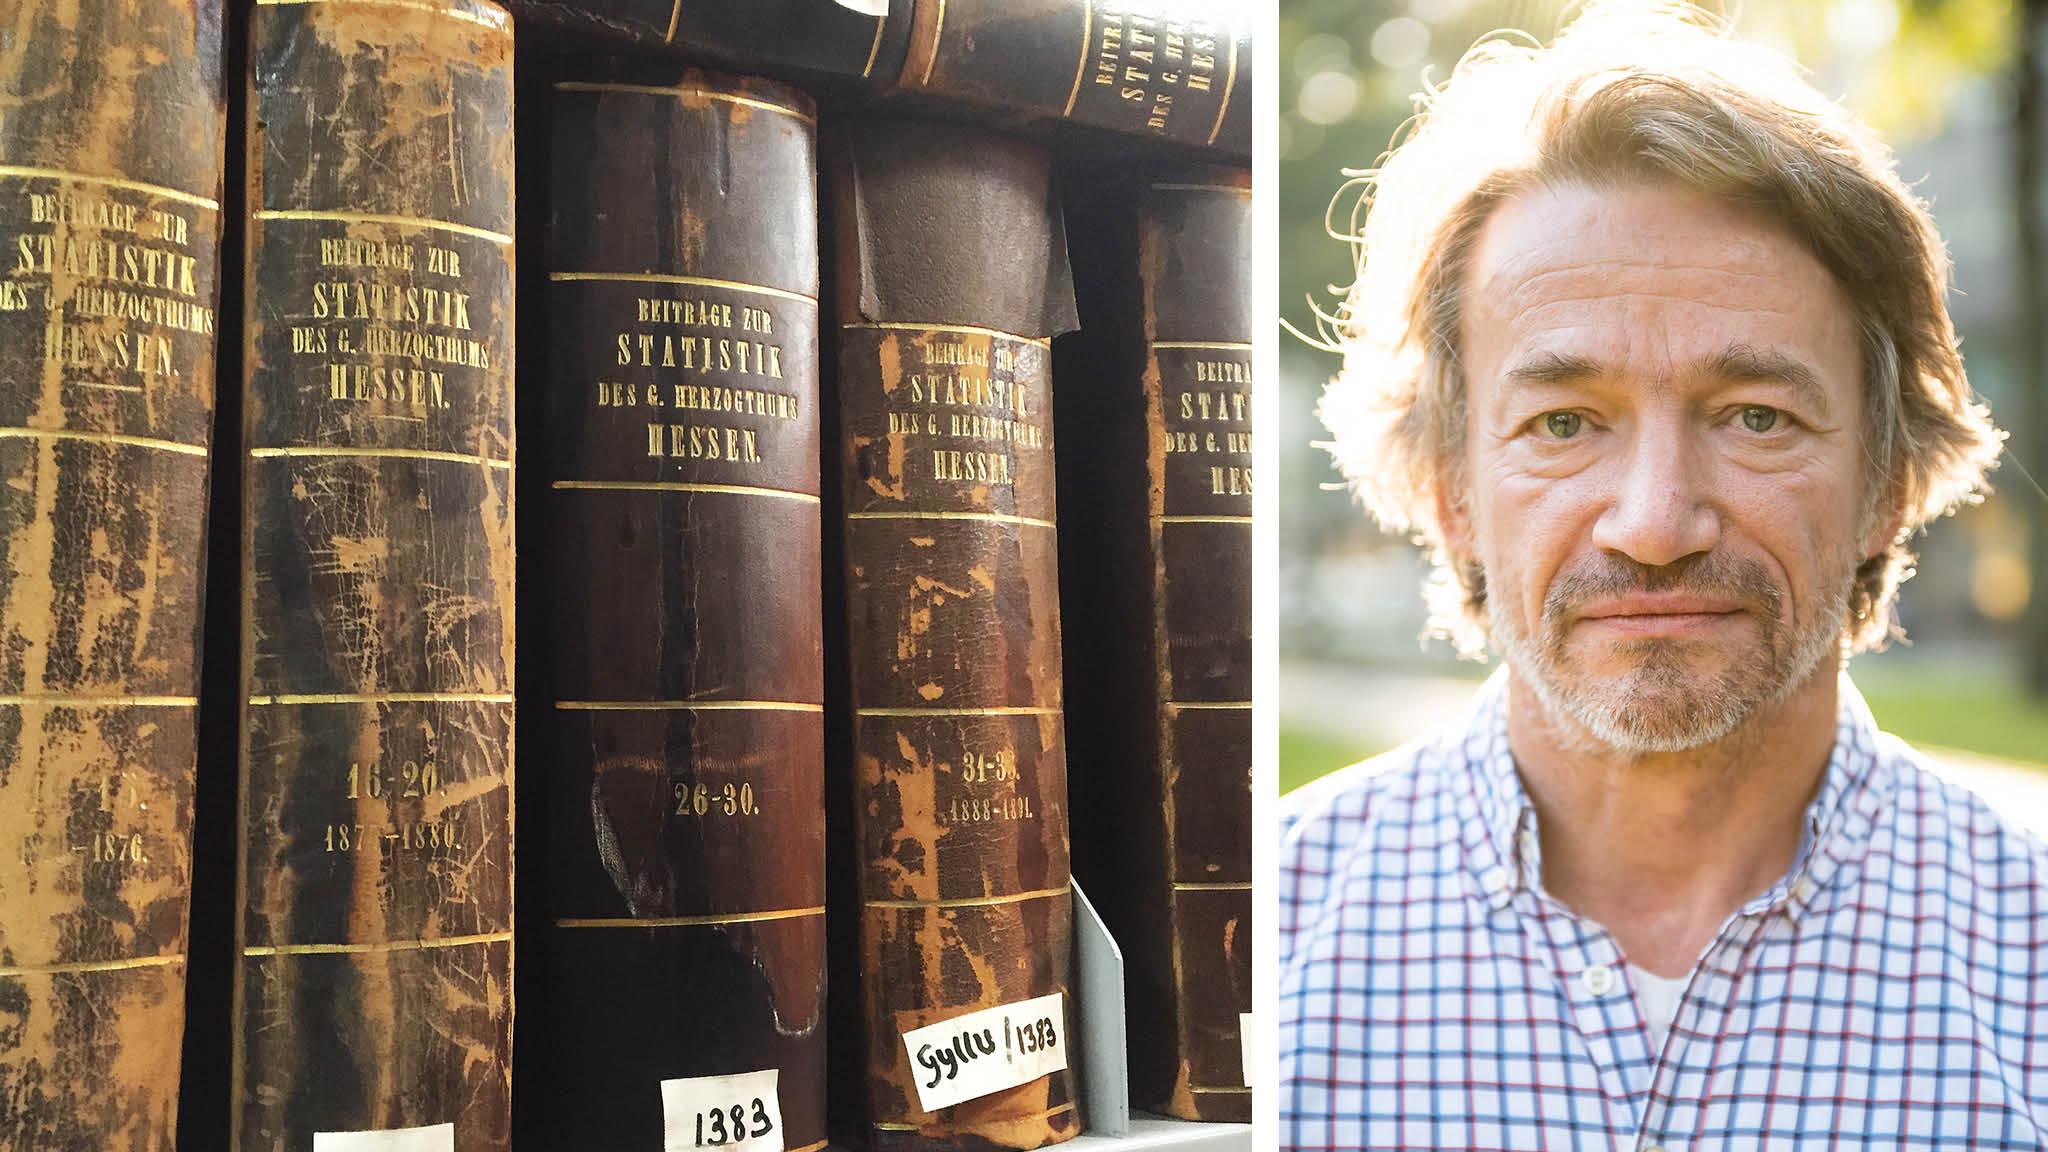 Två bibliotekarier, varav den ena är Hans Ljungberg , jobbar i SCB:s bibliotek. Vad som händer med deras anställningar är ovisst. Biblioteket läggs ned sista december. Foto: Hans Ljungberg och Stina Loman